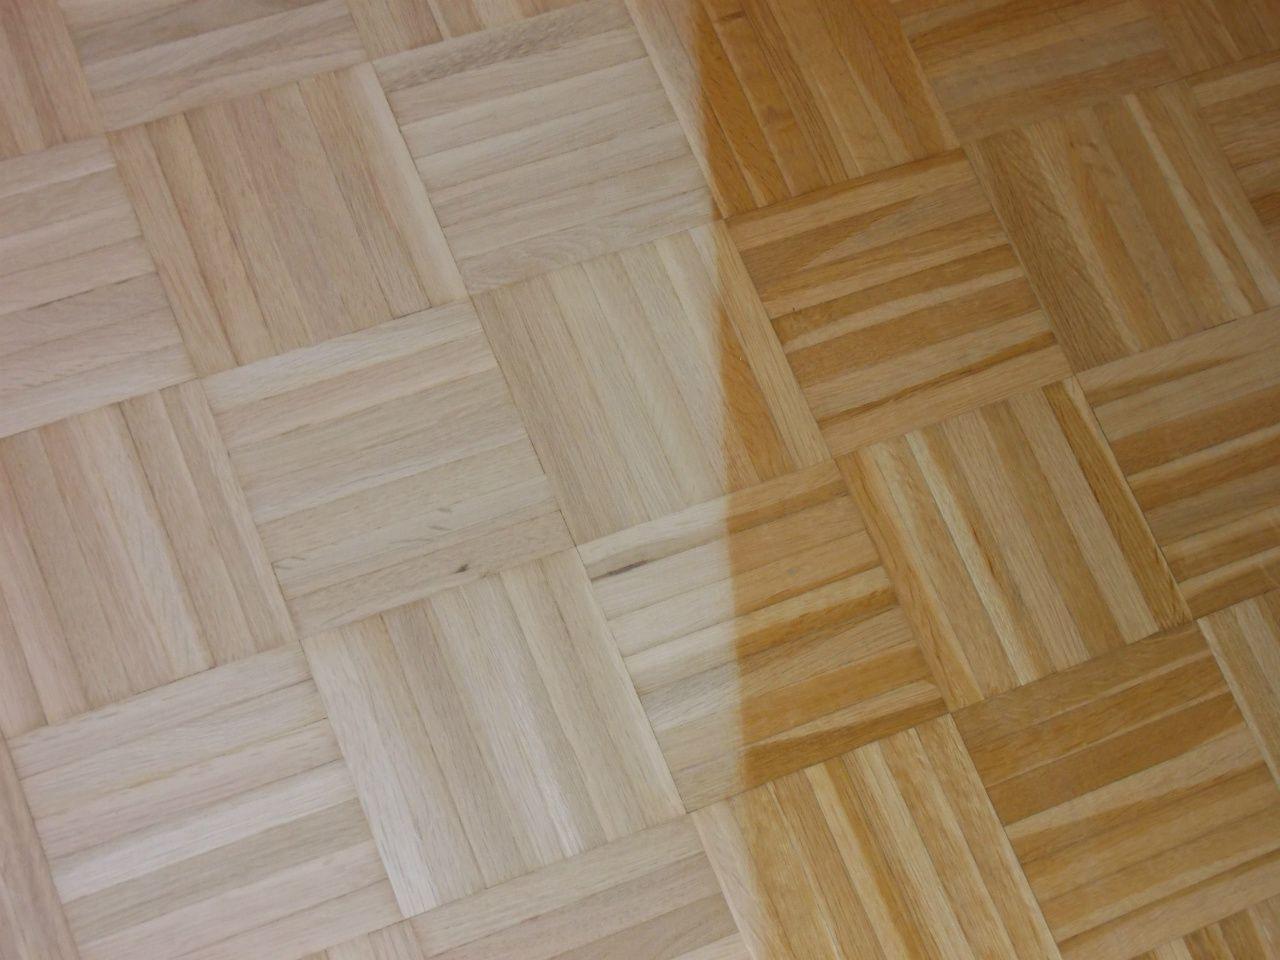 Parketti Lakkaus Google Haku Flooring Hardwood Floors Hardwood